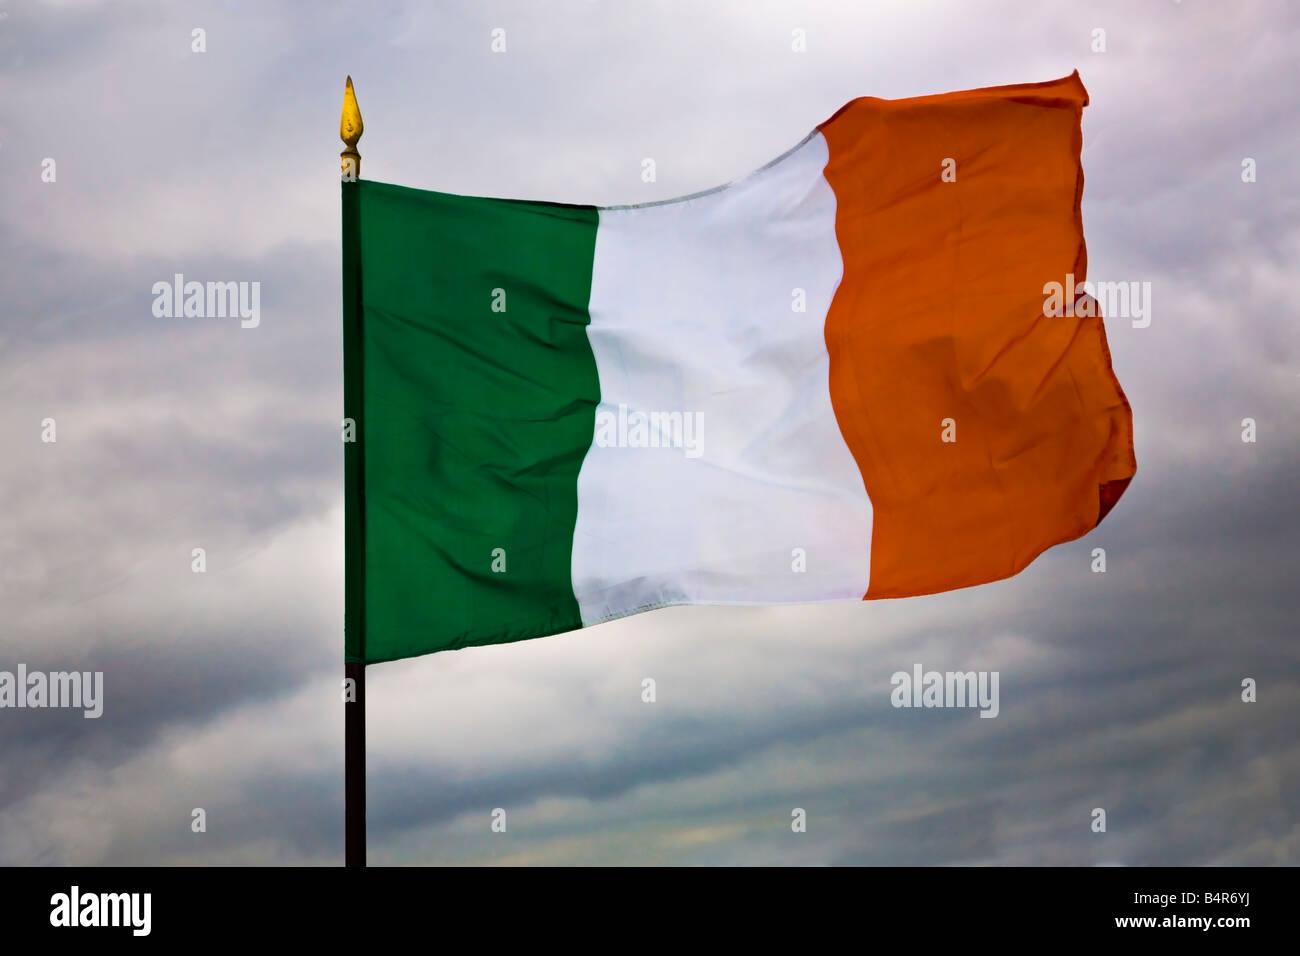 irish flag tricolour green white and orange stock photo royalty